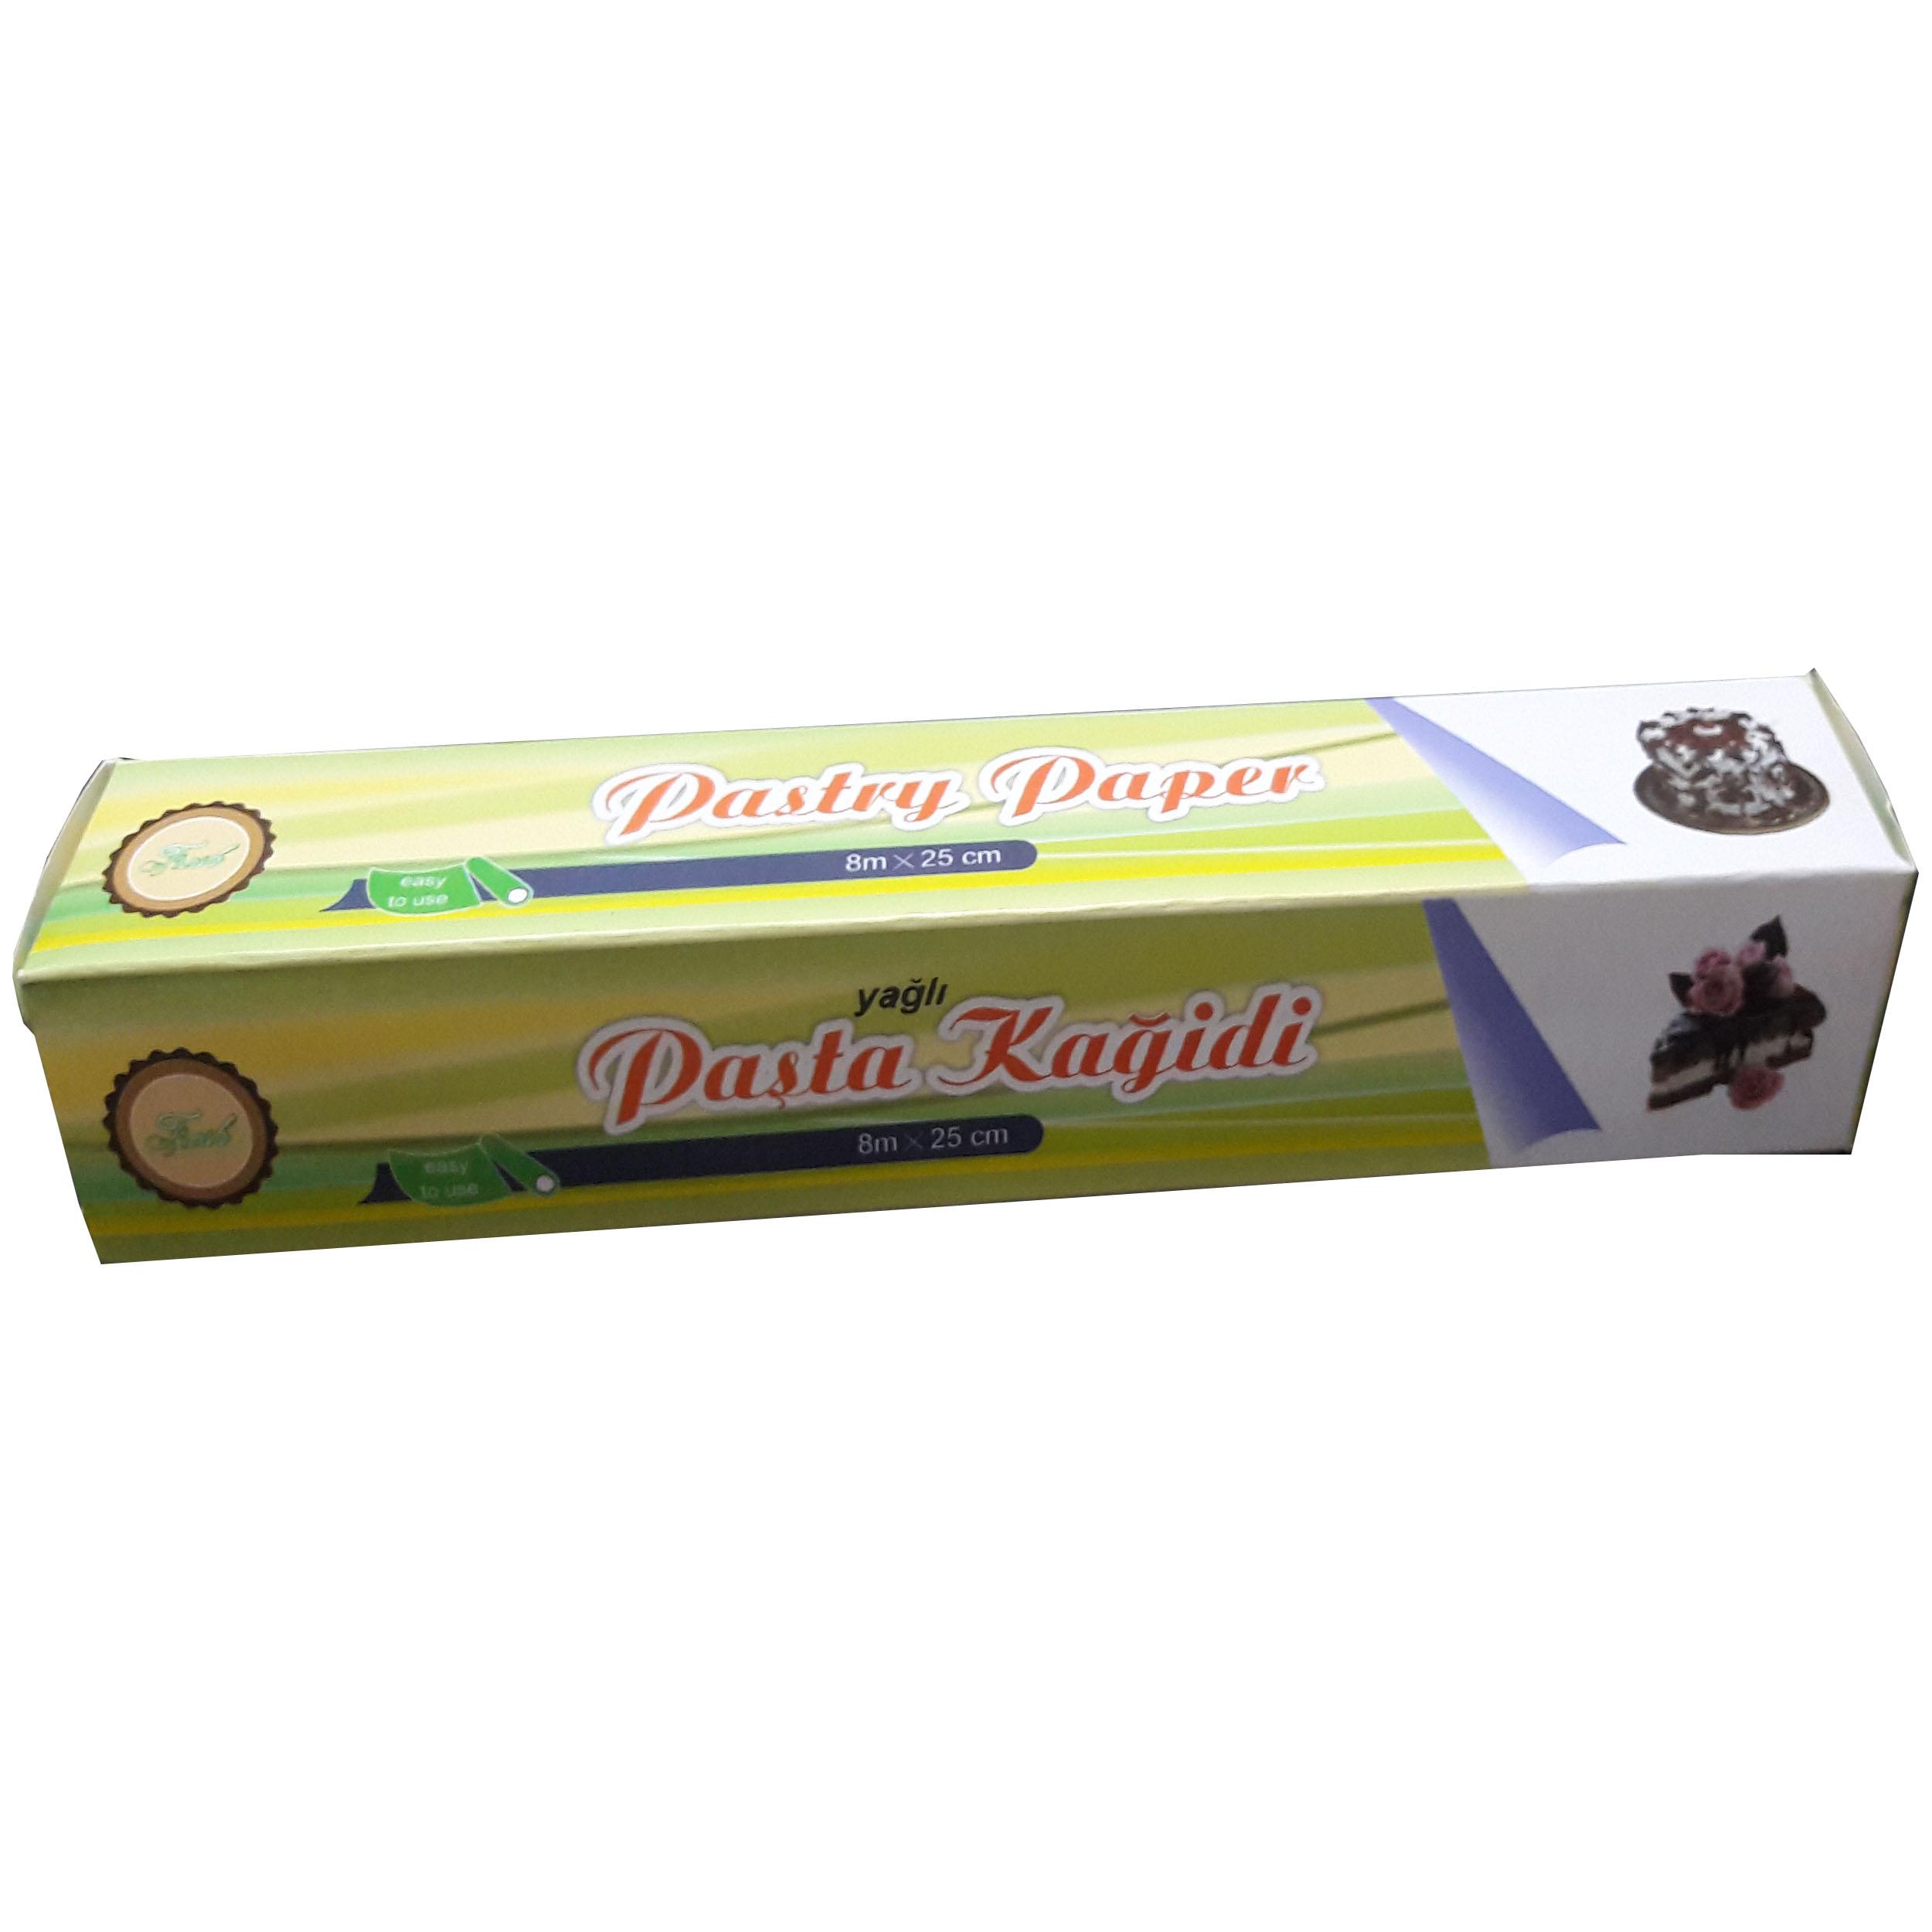 کاغذ شیرینی پزی مدل قنادک کد 825